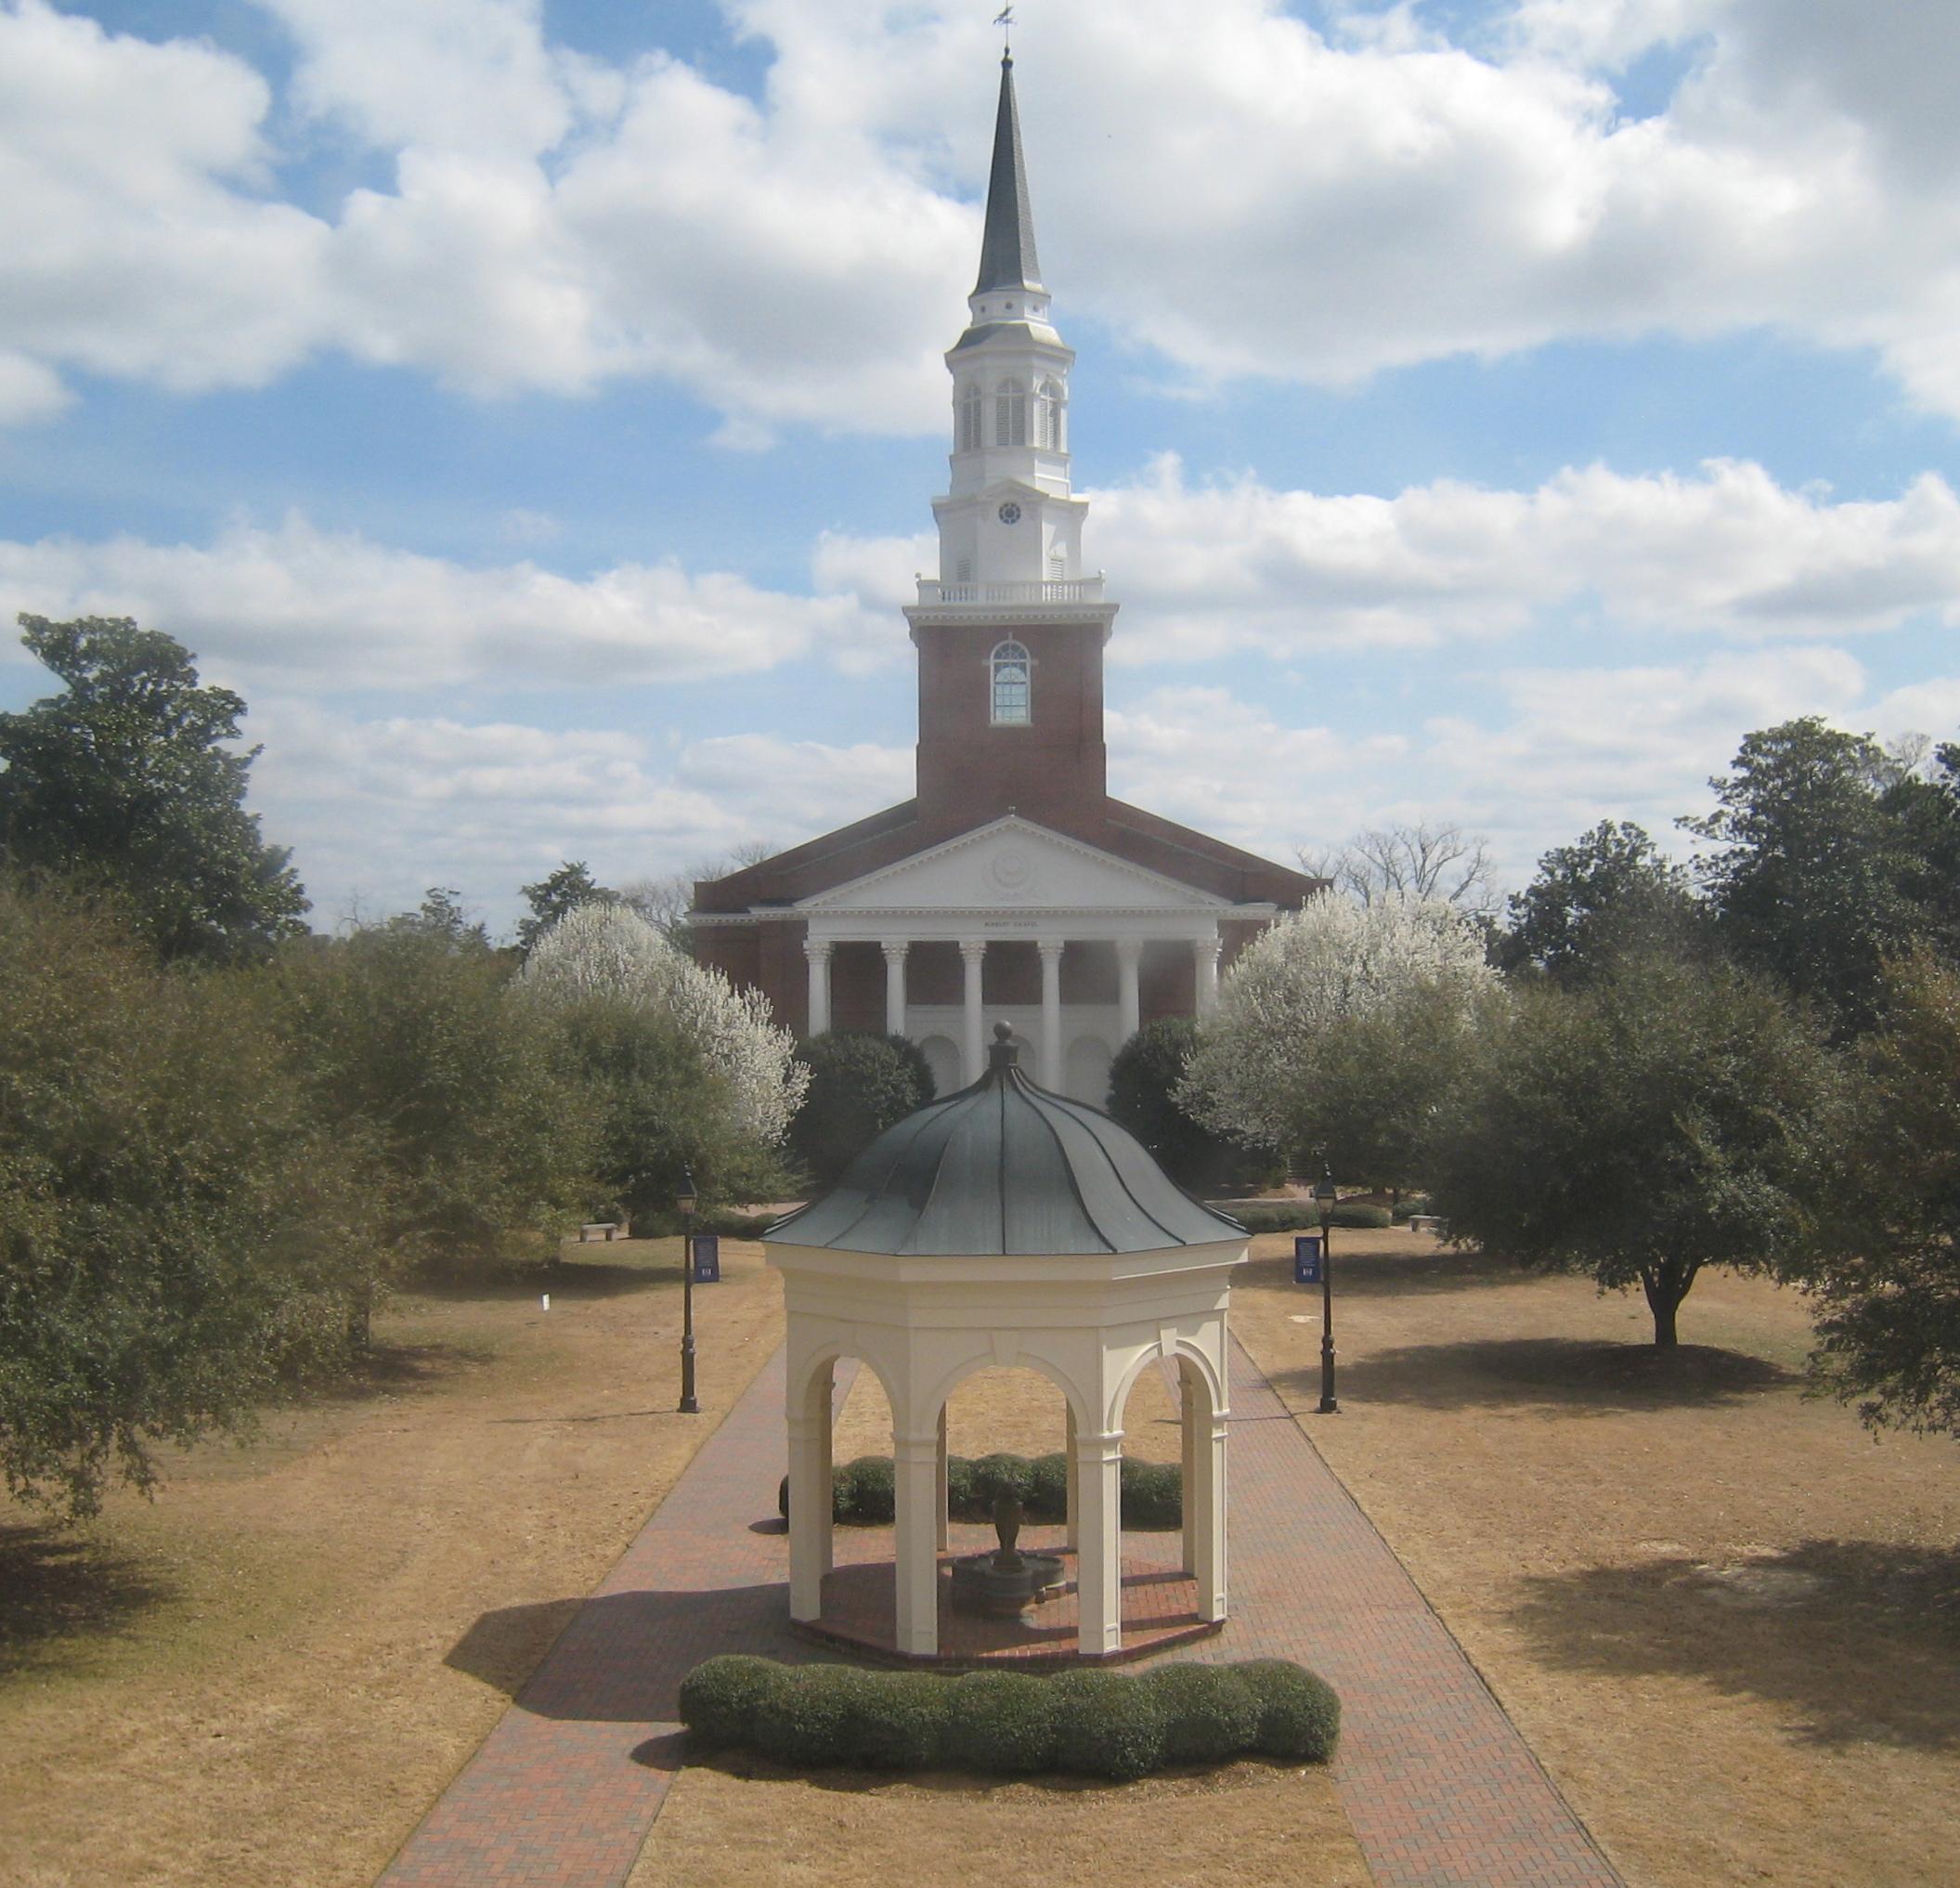 binkley chapel